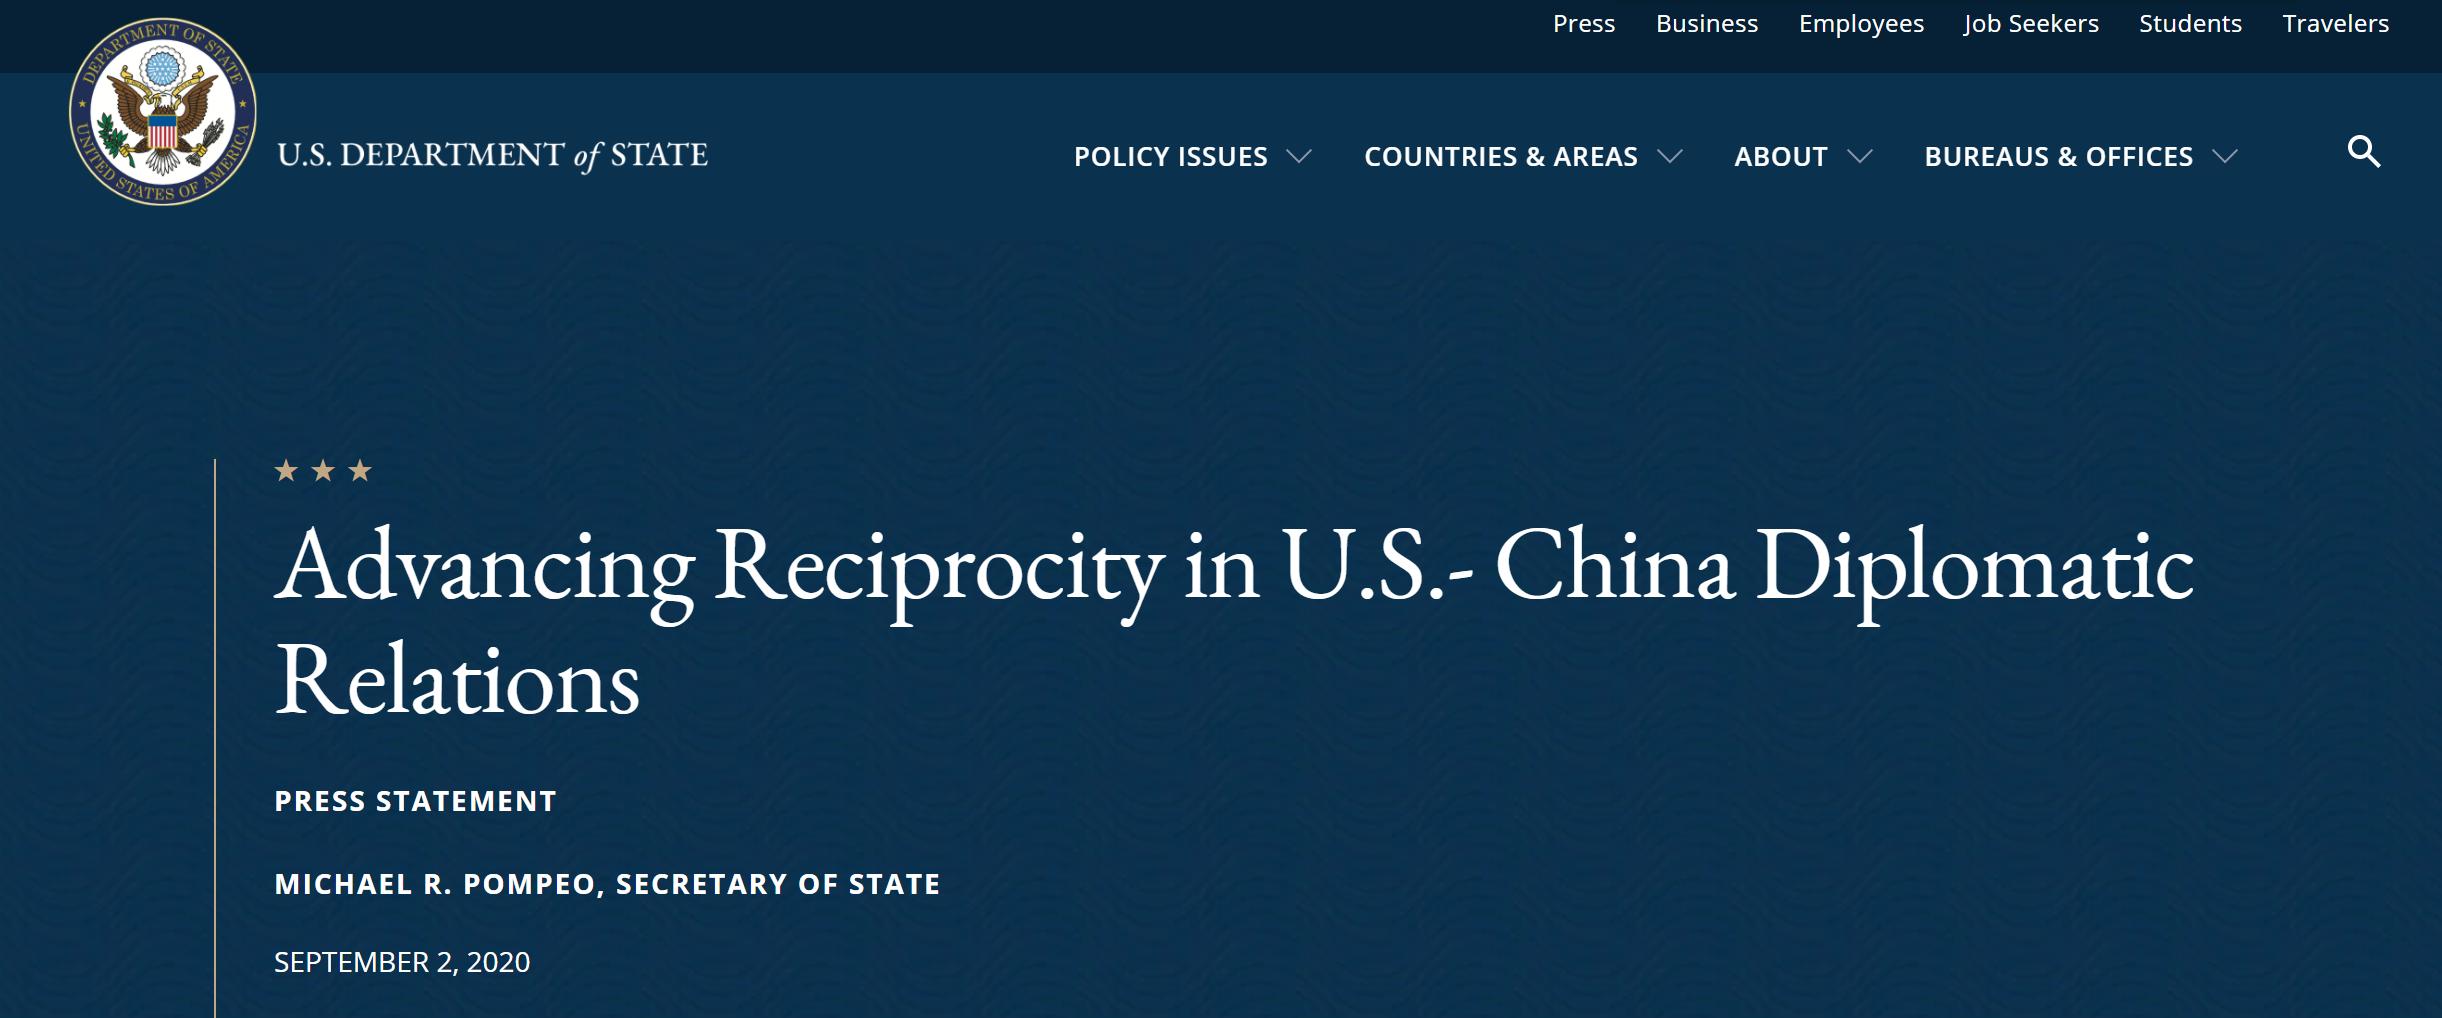 【太原楼凤验证】_挑衅升级!美国宣称将对中国驻美外交官工作活动实施限制